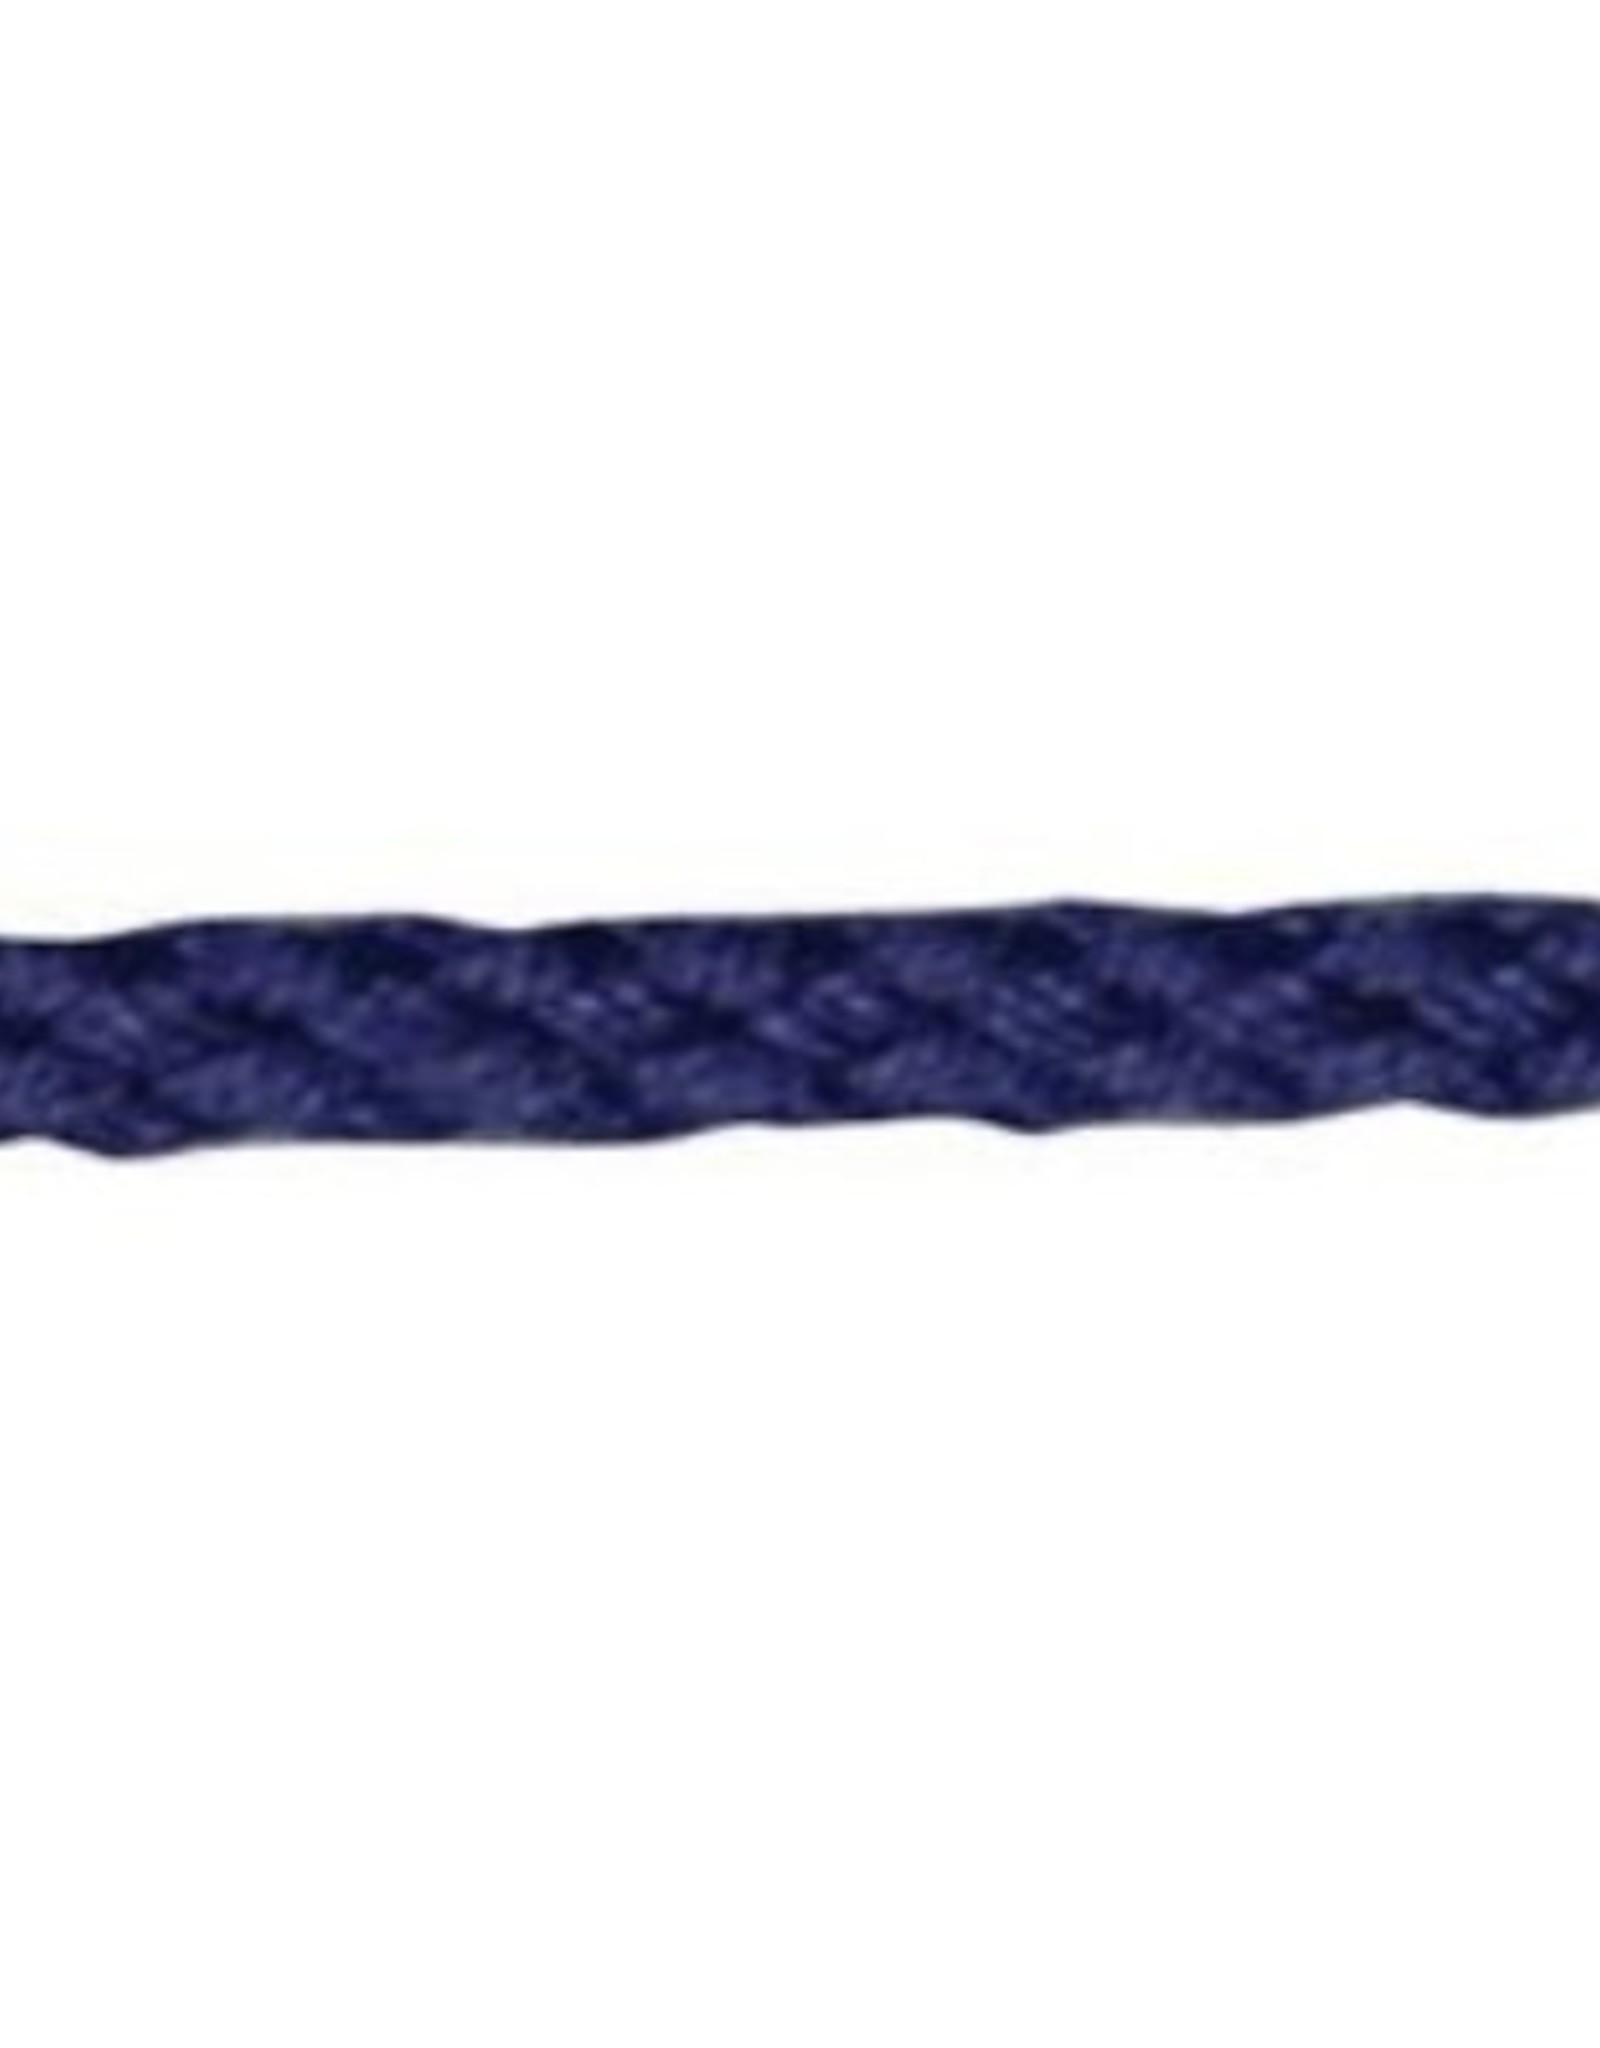 ANORAK KOORD 5mm marine blauw